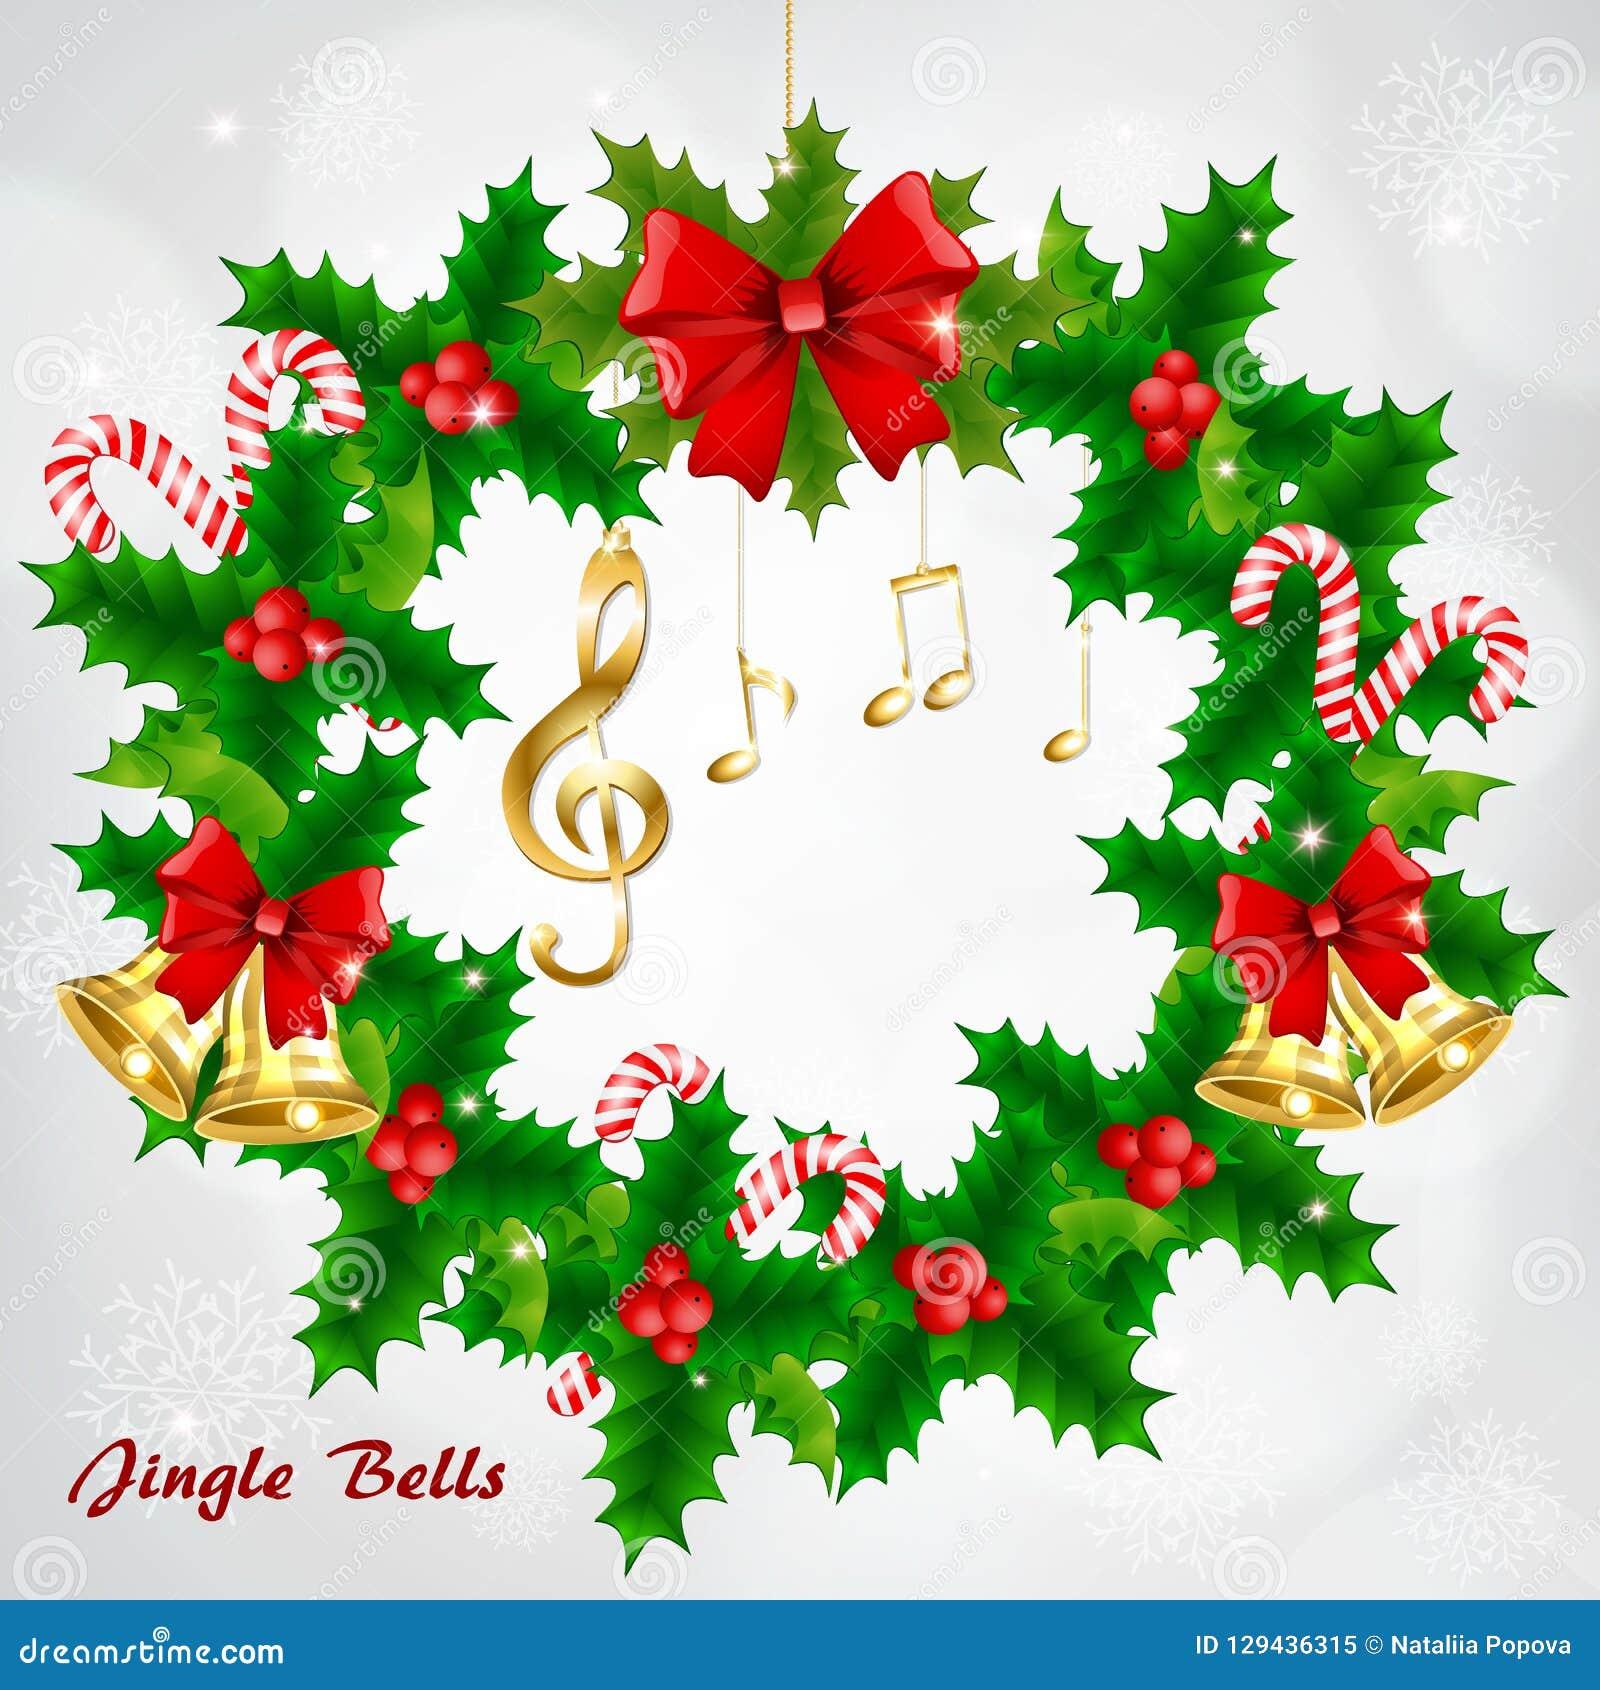 Στεφάνι Χριστουγέννων με τις χρυσές μουσικές νότες και το τριπλό clef